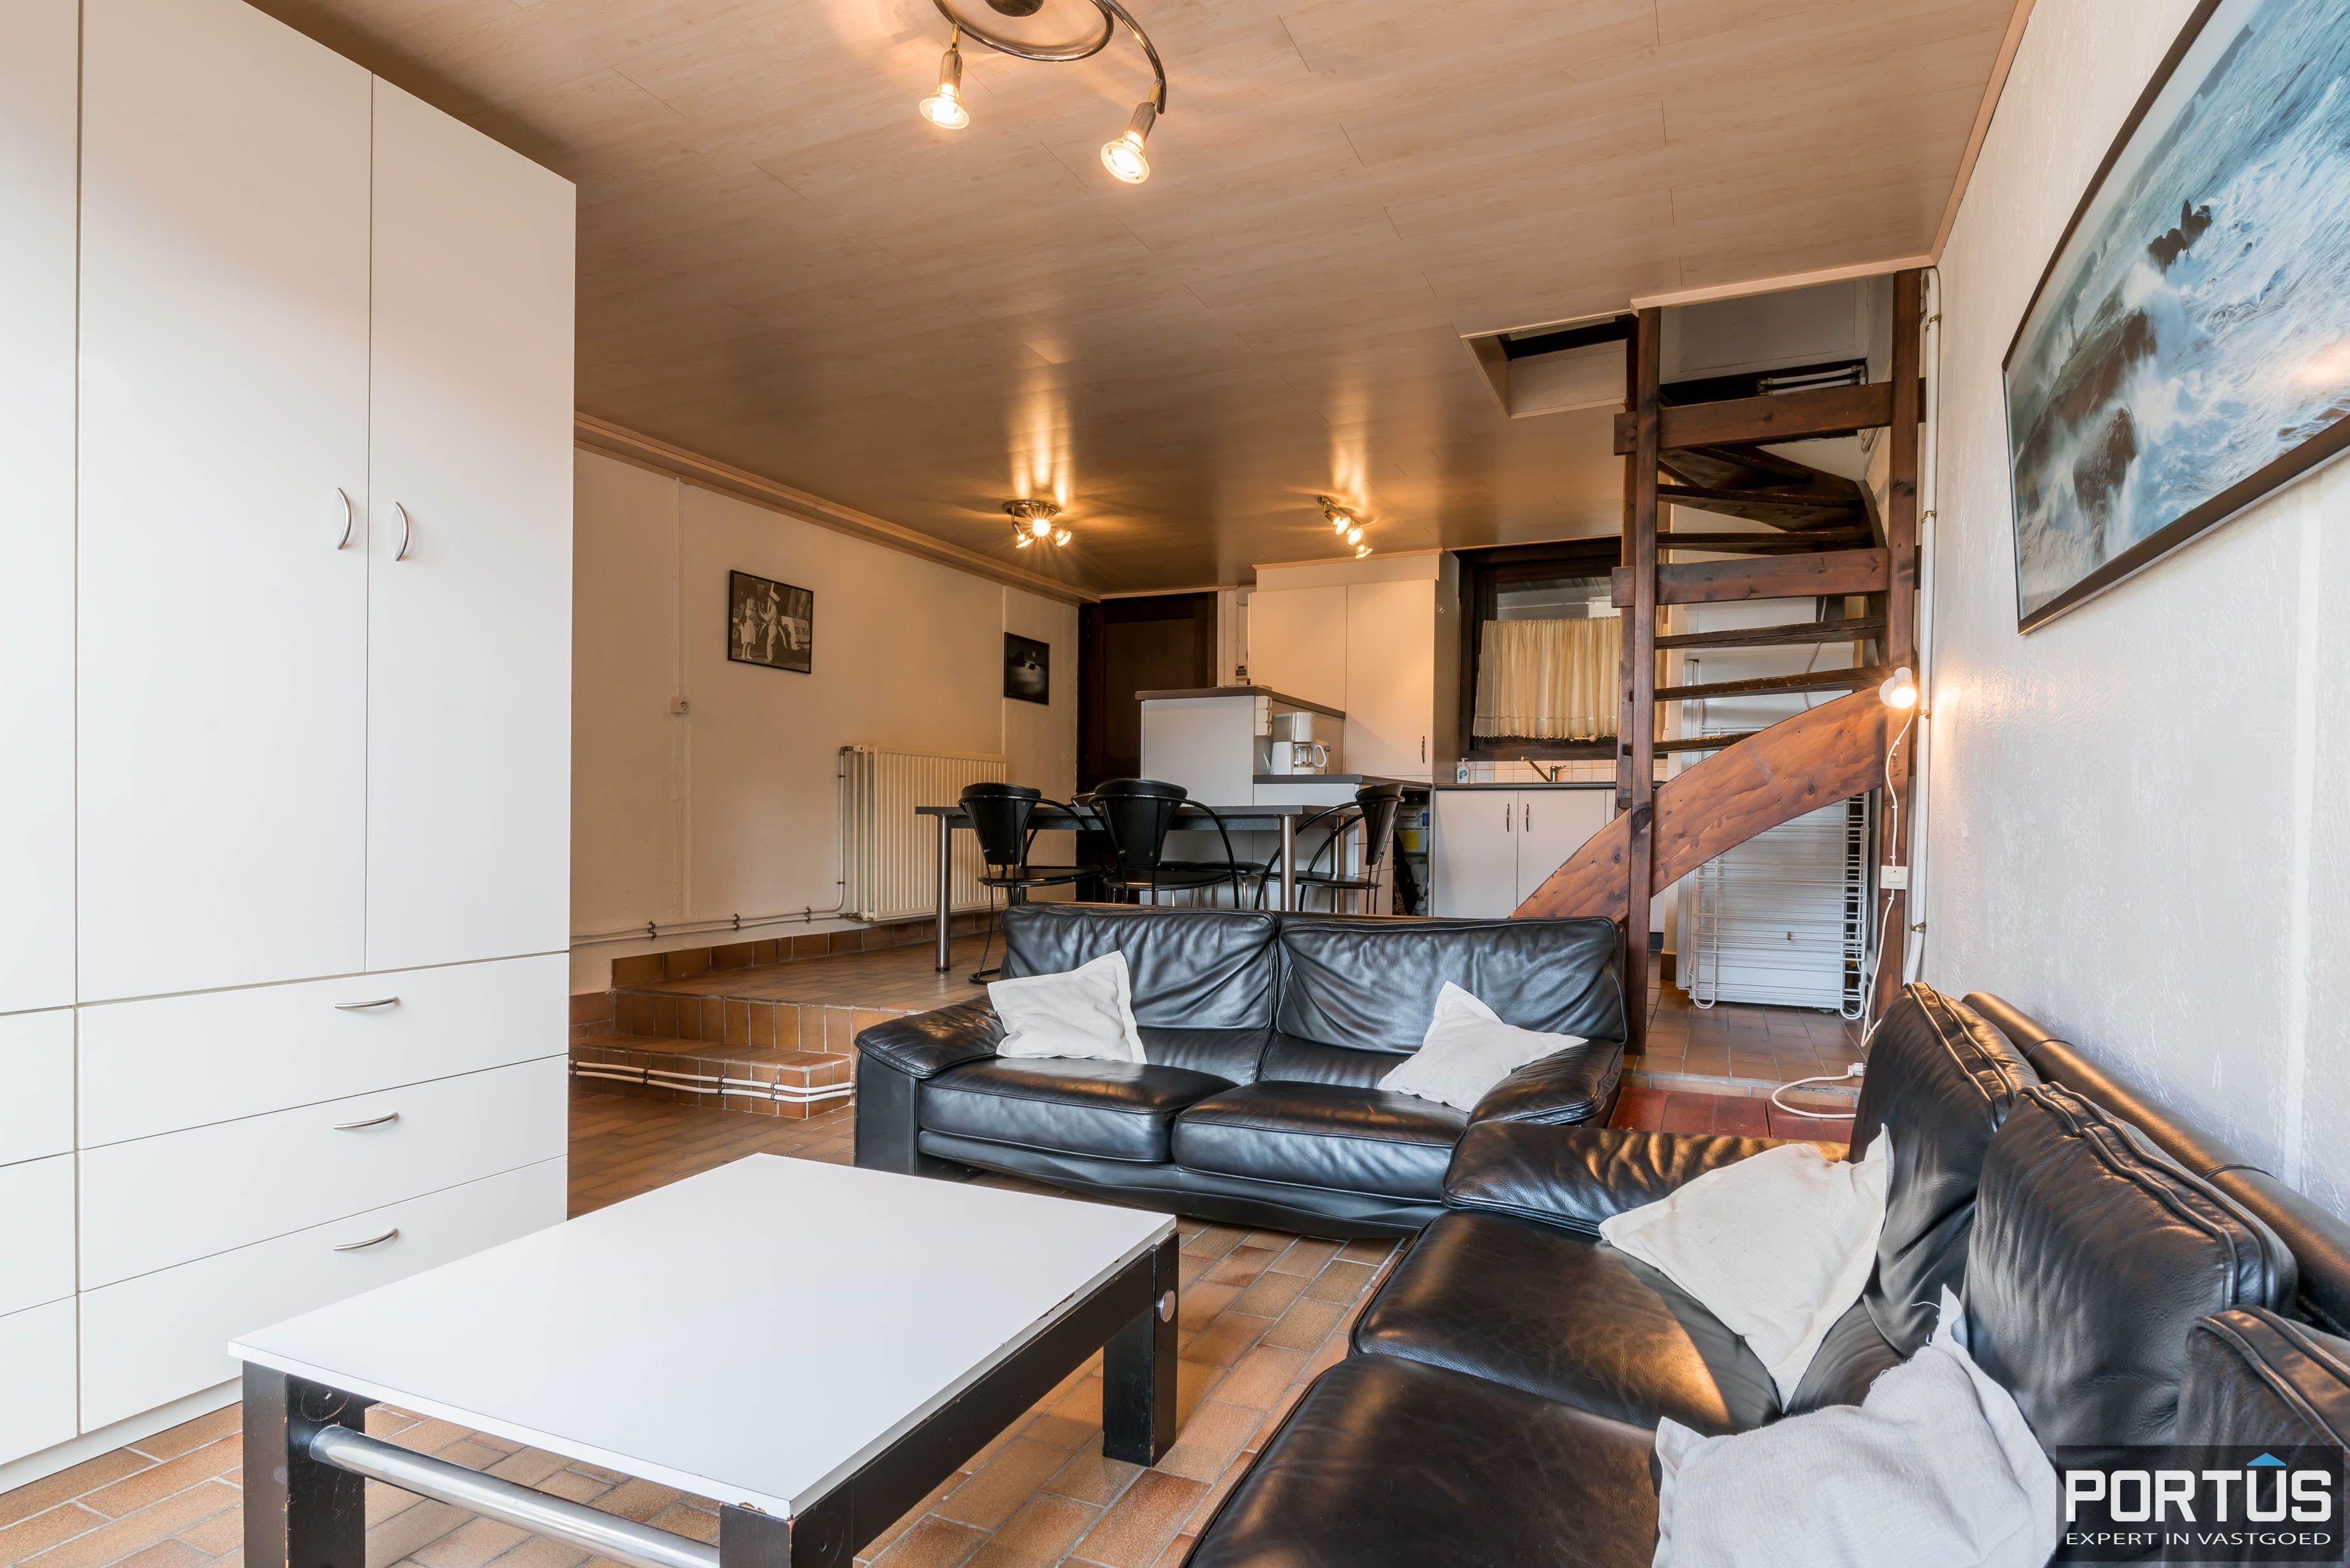 Woning te koop Nieuwpoort 4 slaapkamers en parking - 5579